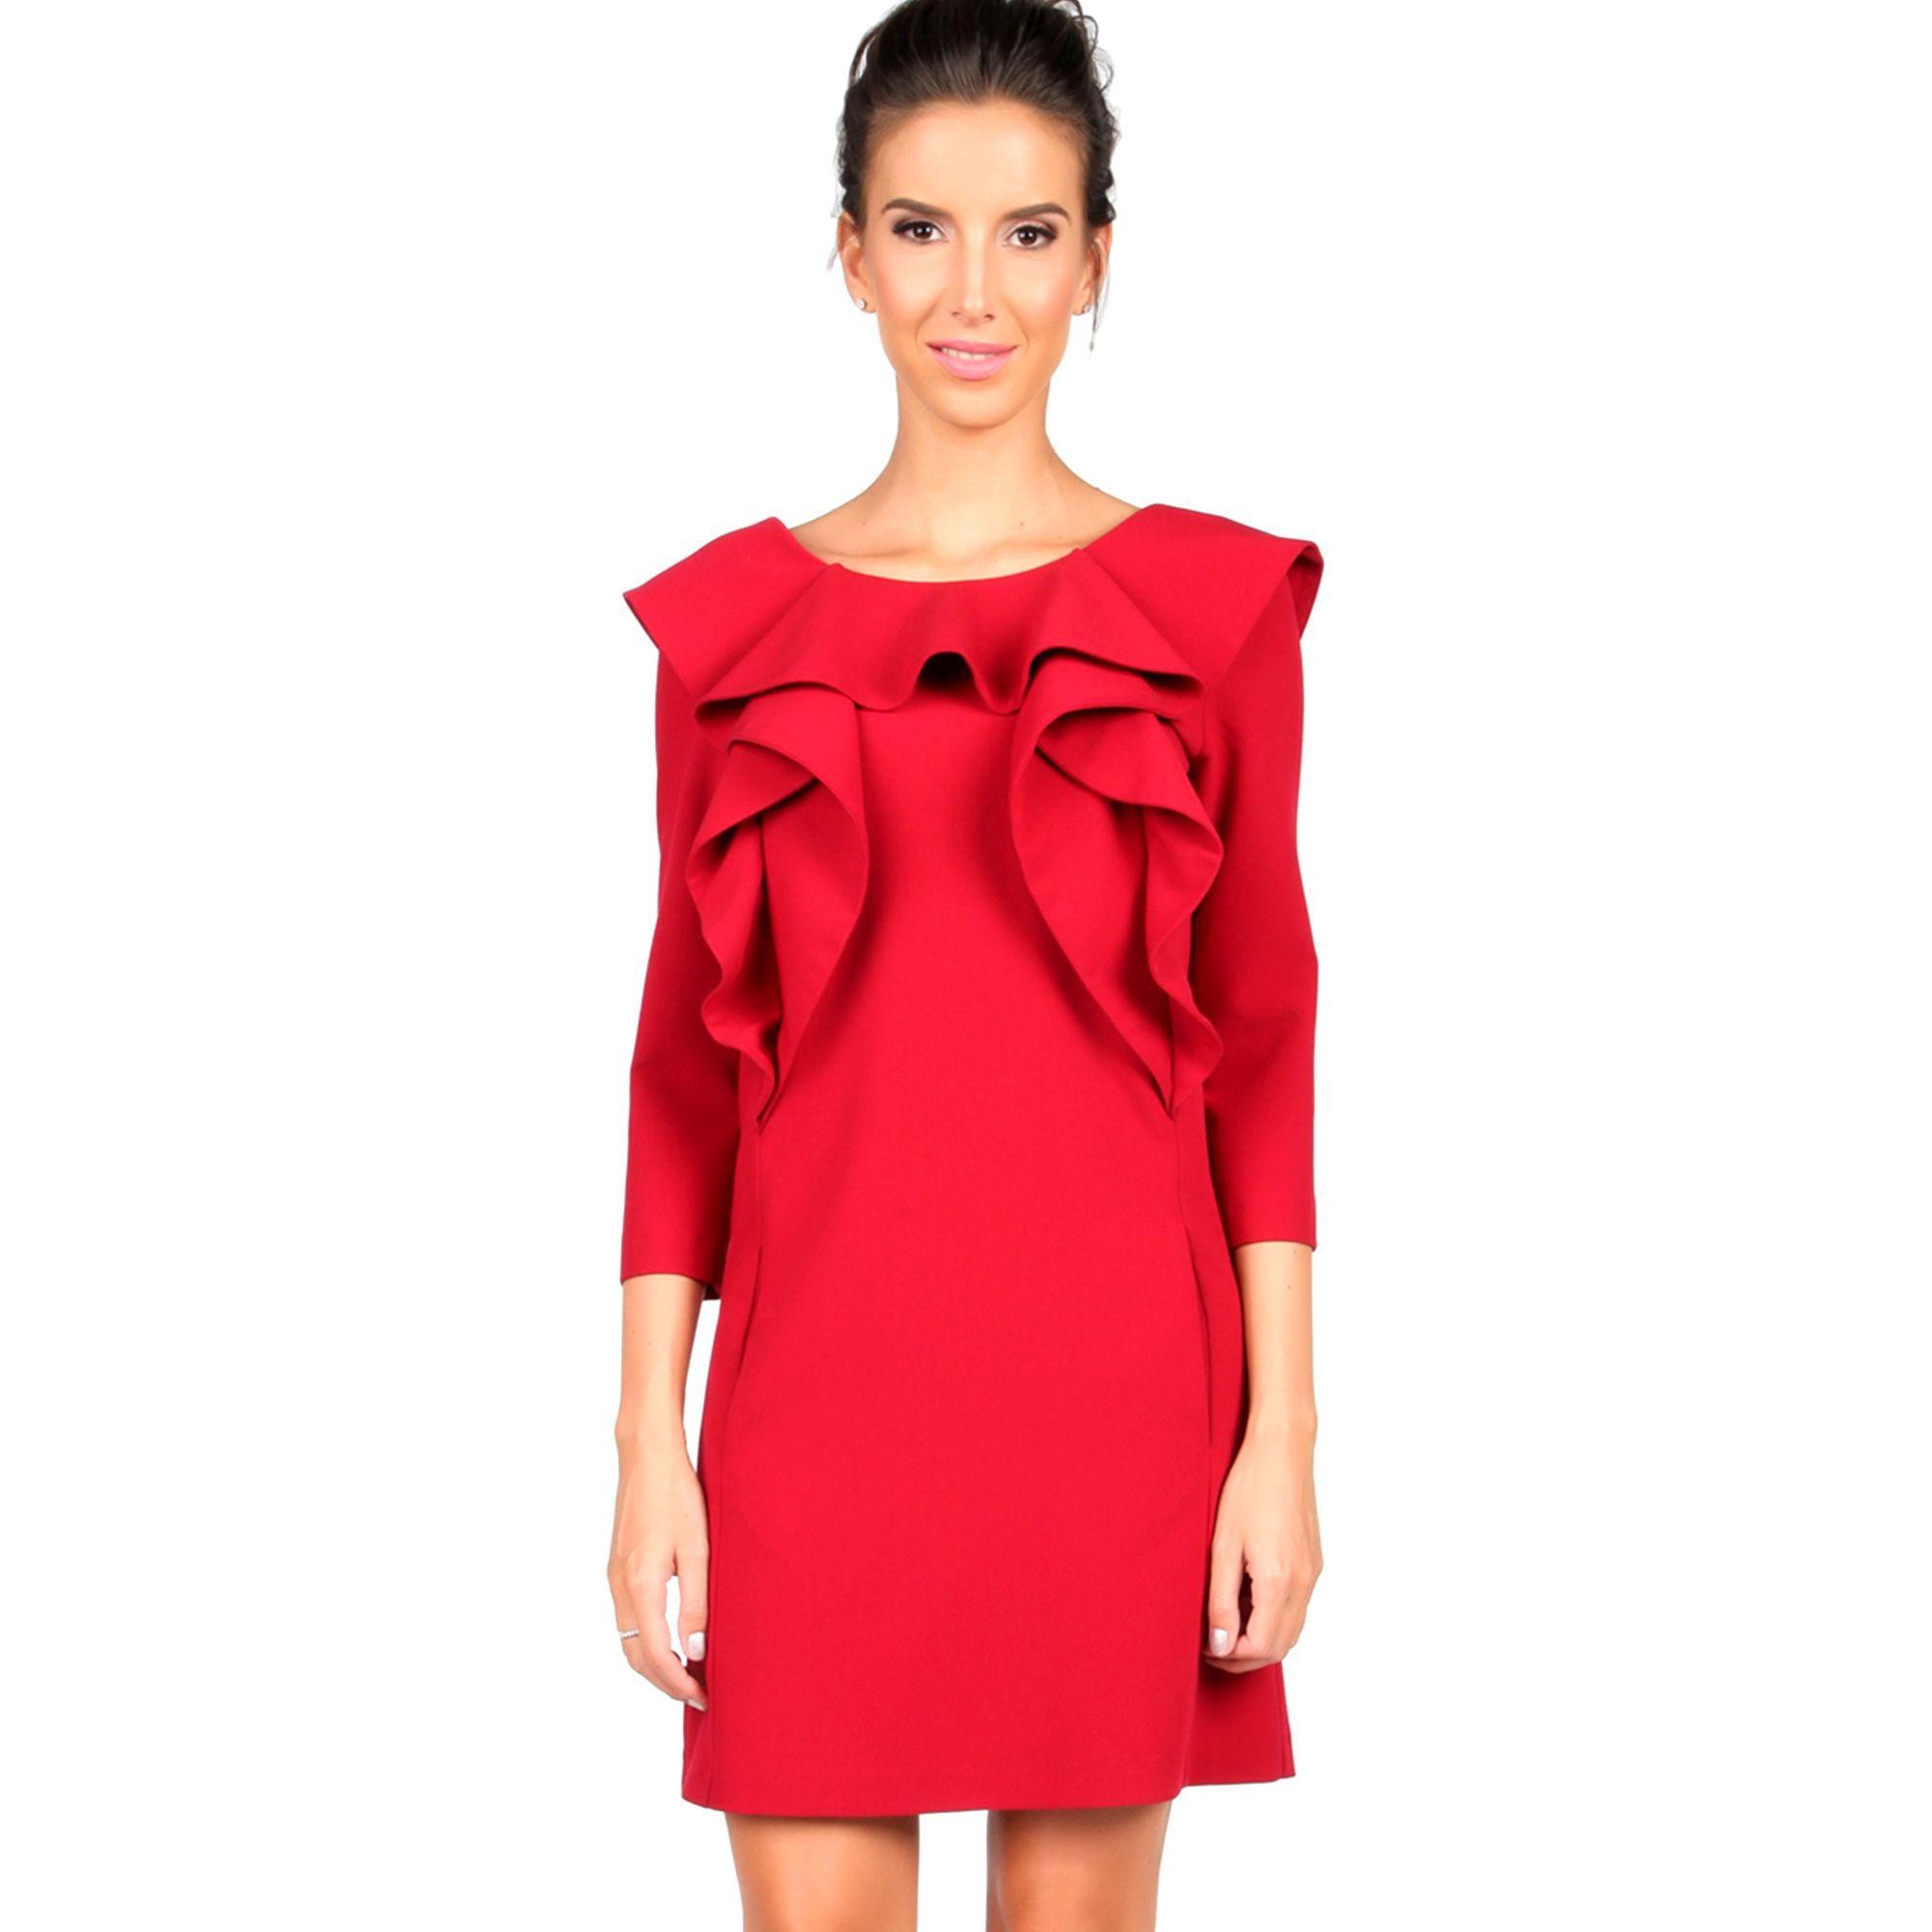 f16e329ec9 PRIVALIA - Outlet online de moda Nº1 en España